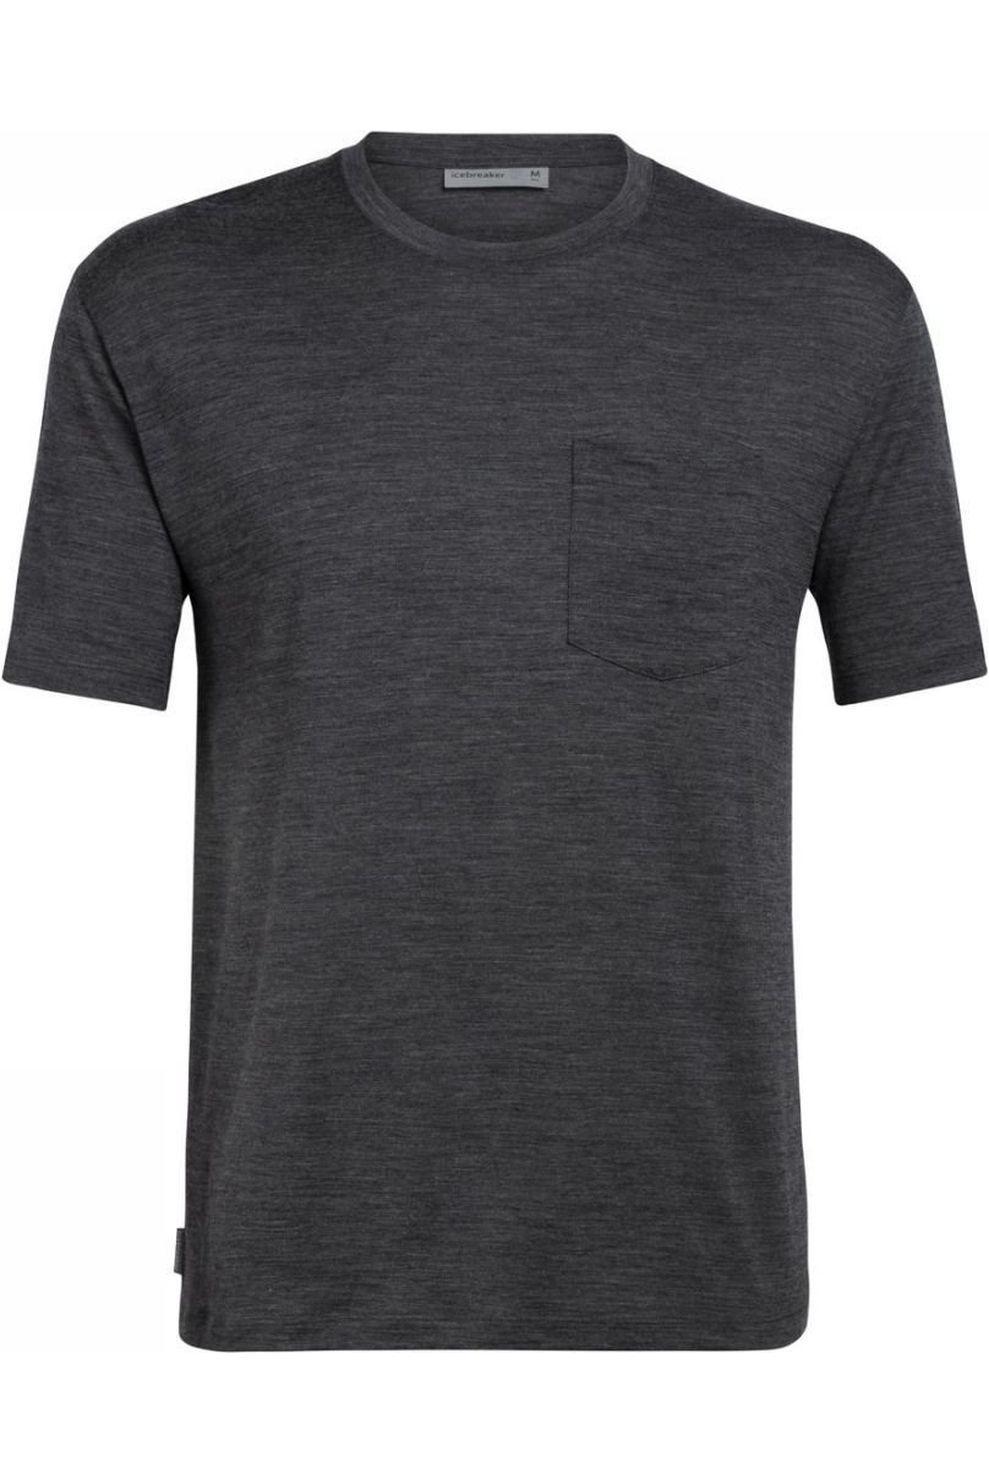 Icebreaker T-Shirt Ice Ravyn Ss Pocket Tee voor heren - Grijs - Maten: S, M, L, XL